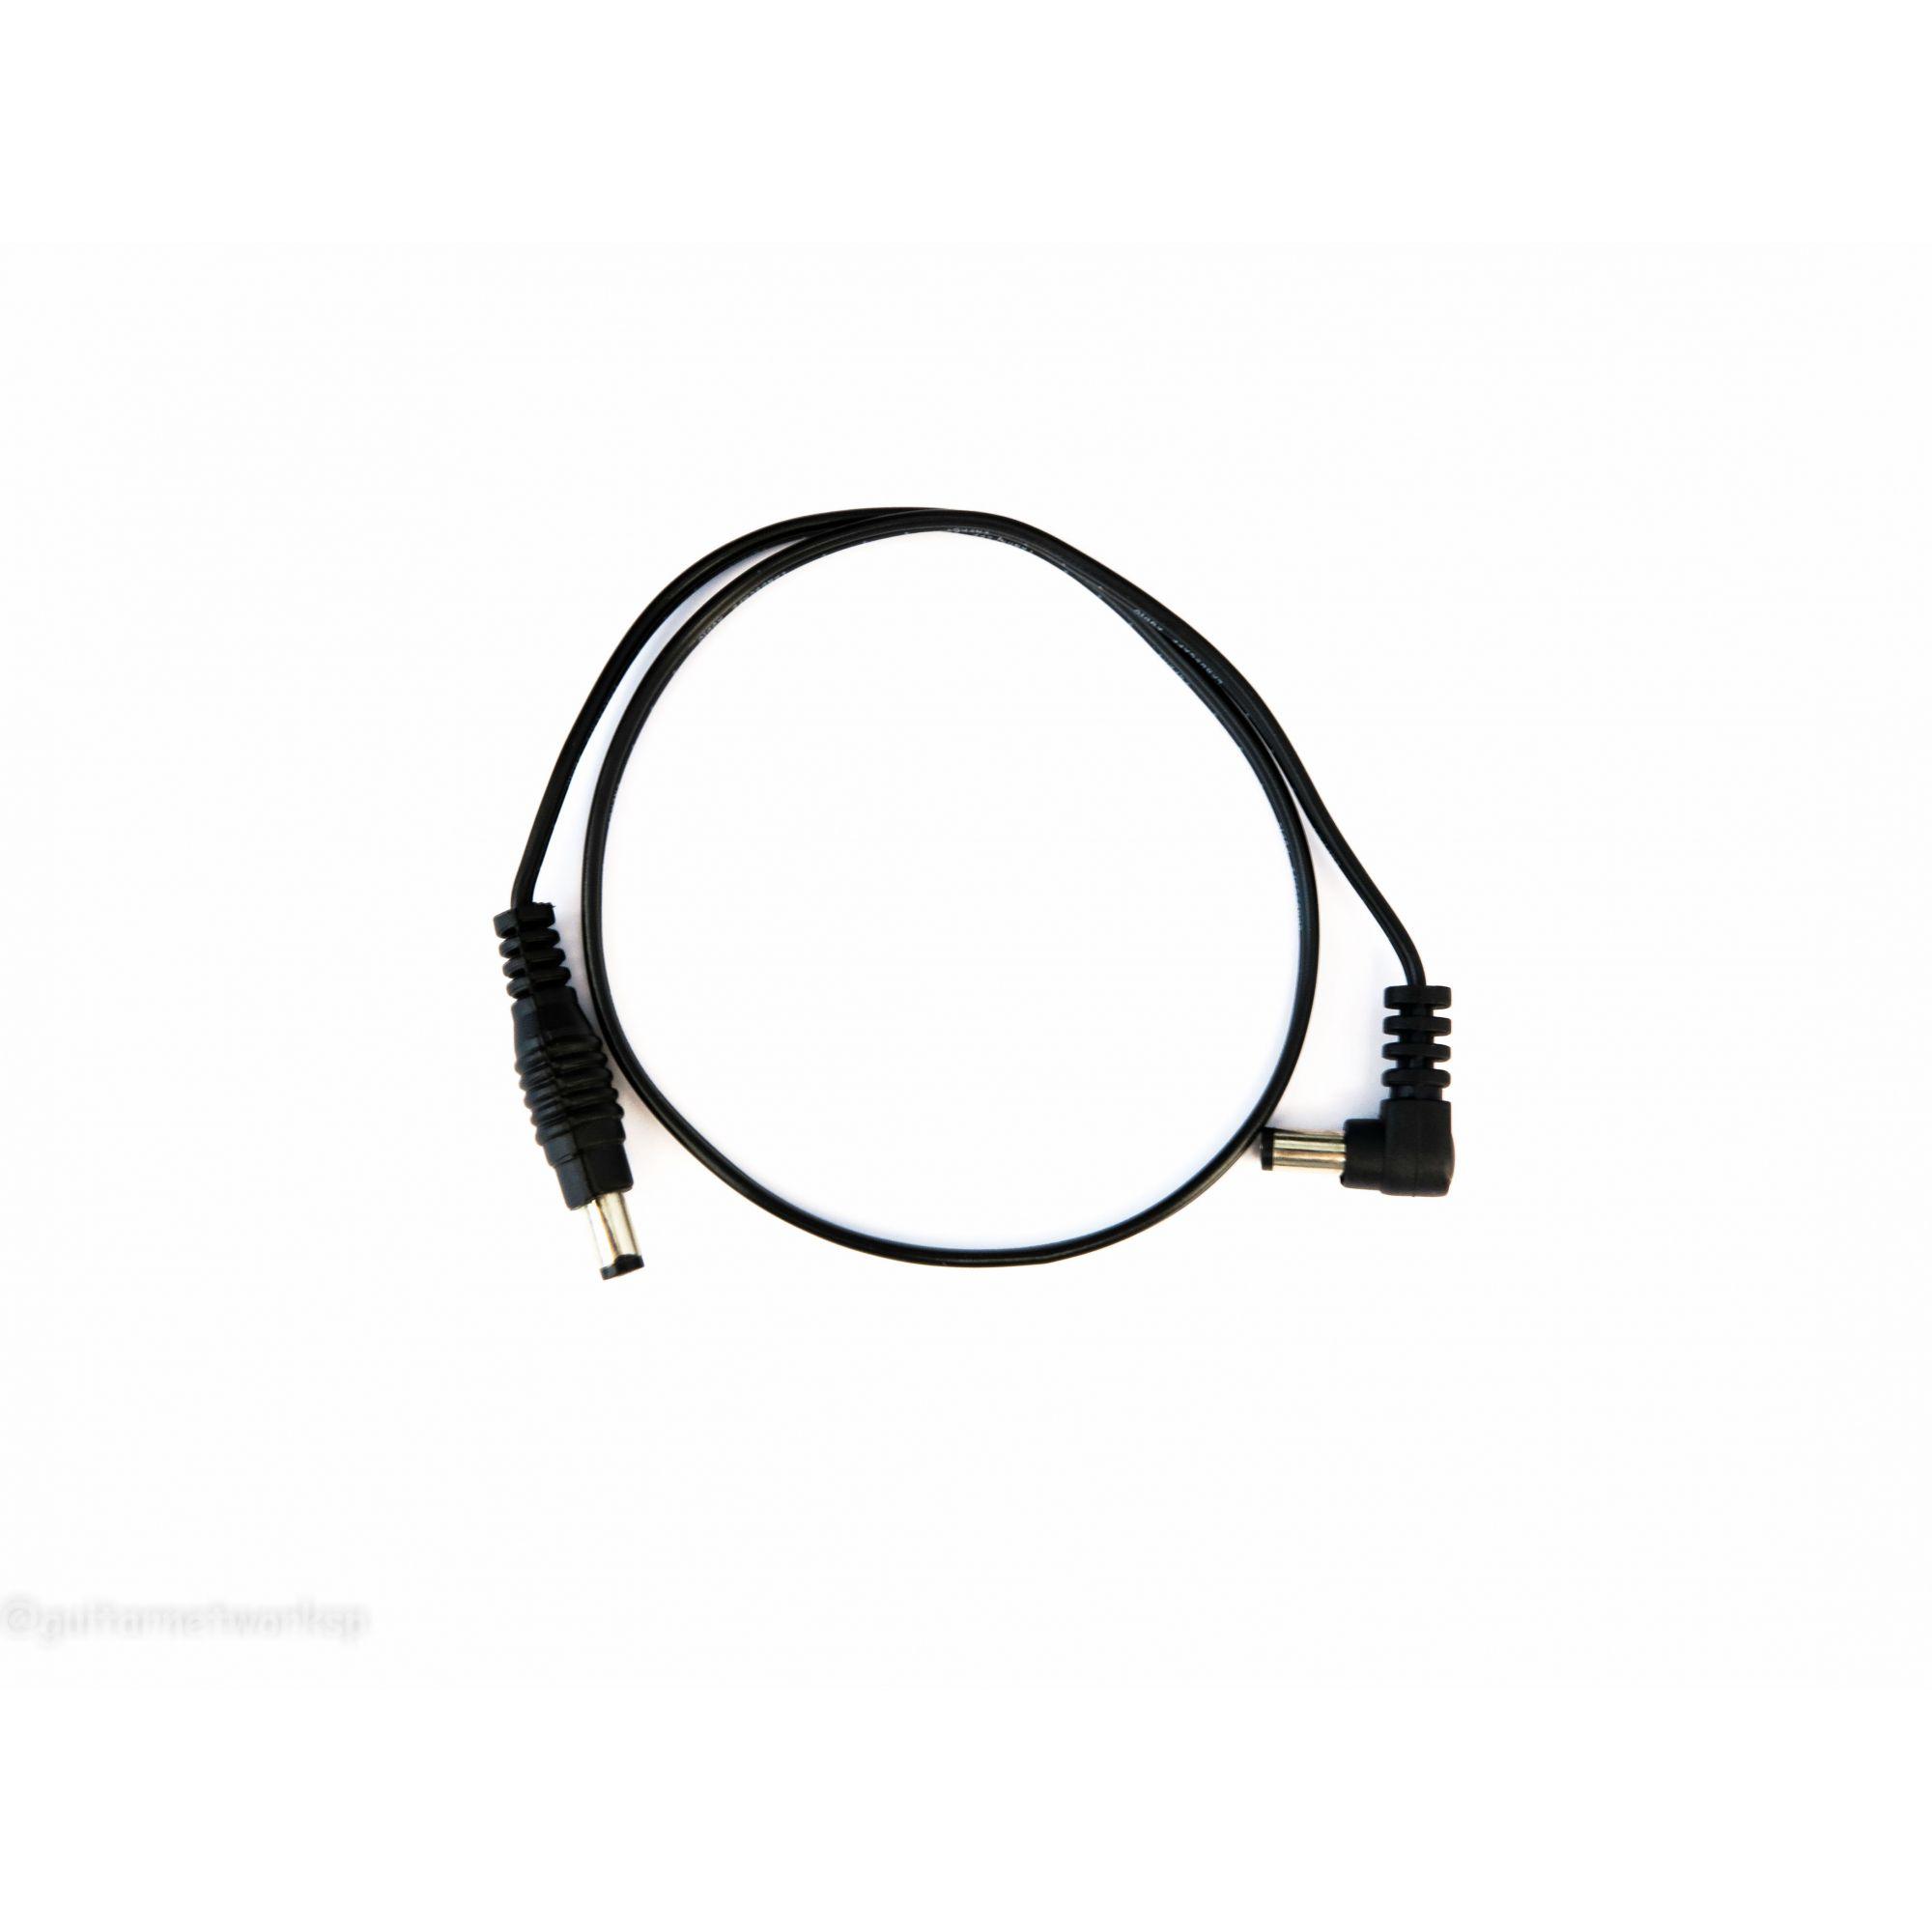 Cabo extensor alimentação fonte pedal  Mod 110 - LANDSCAPE